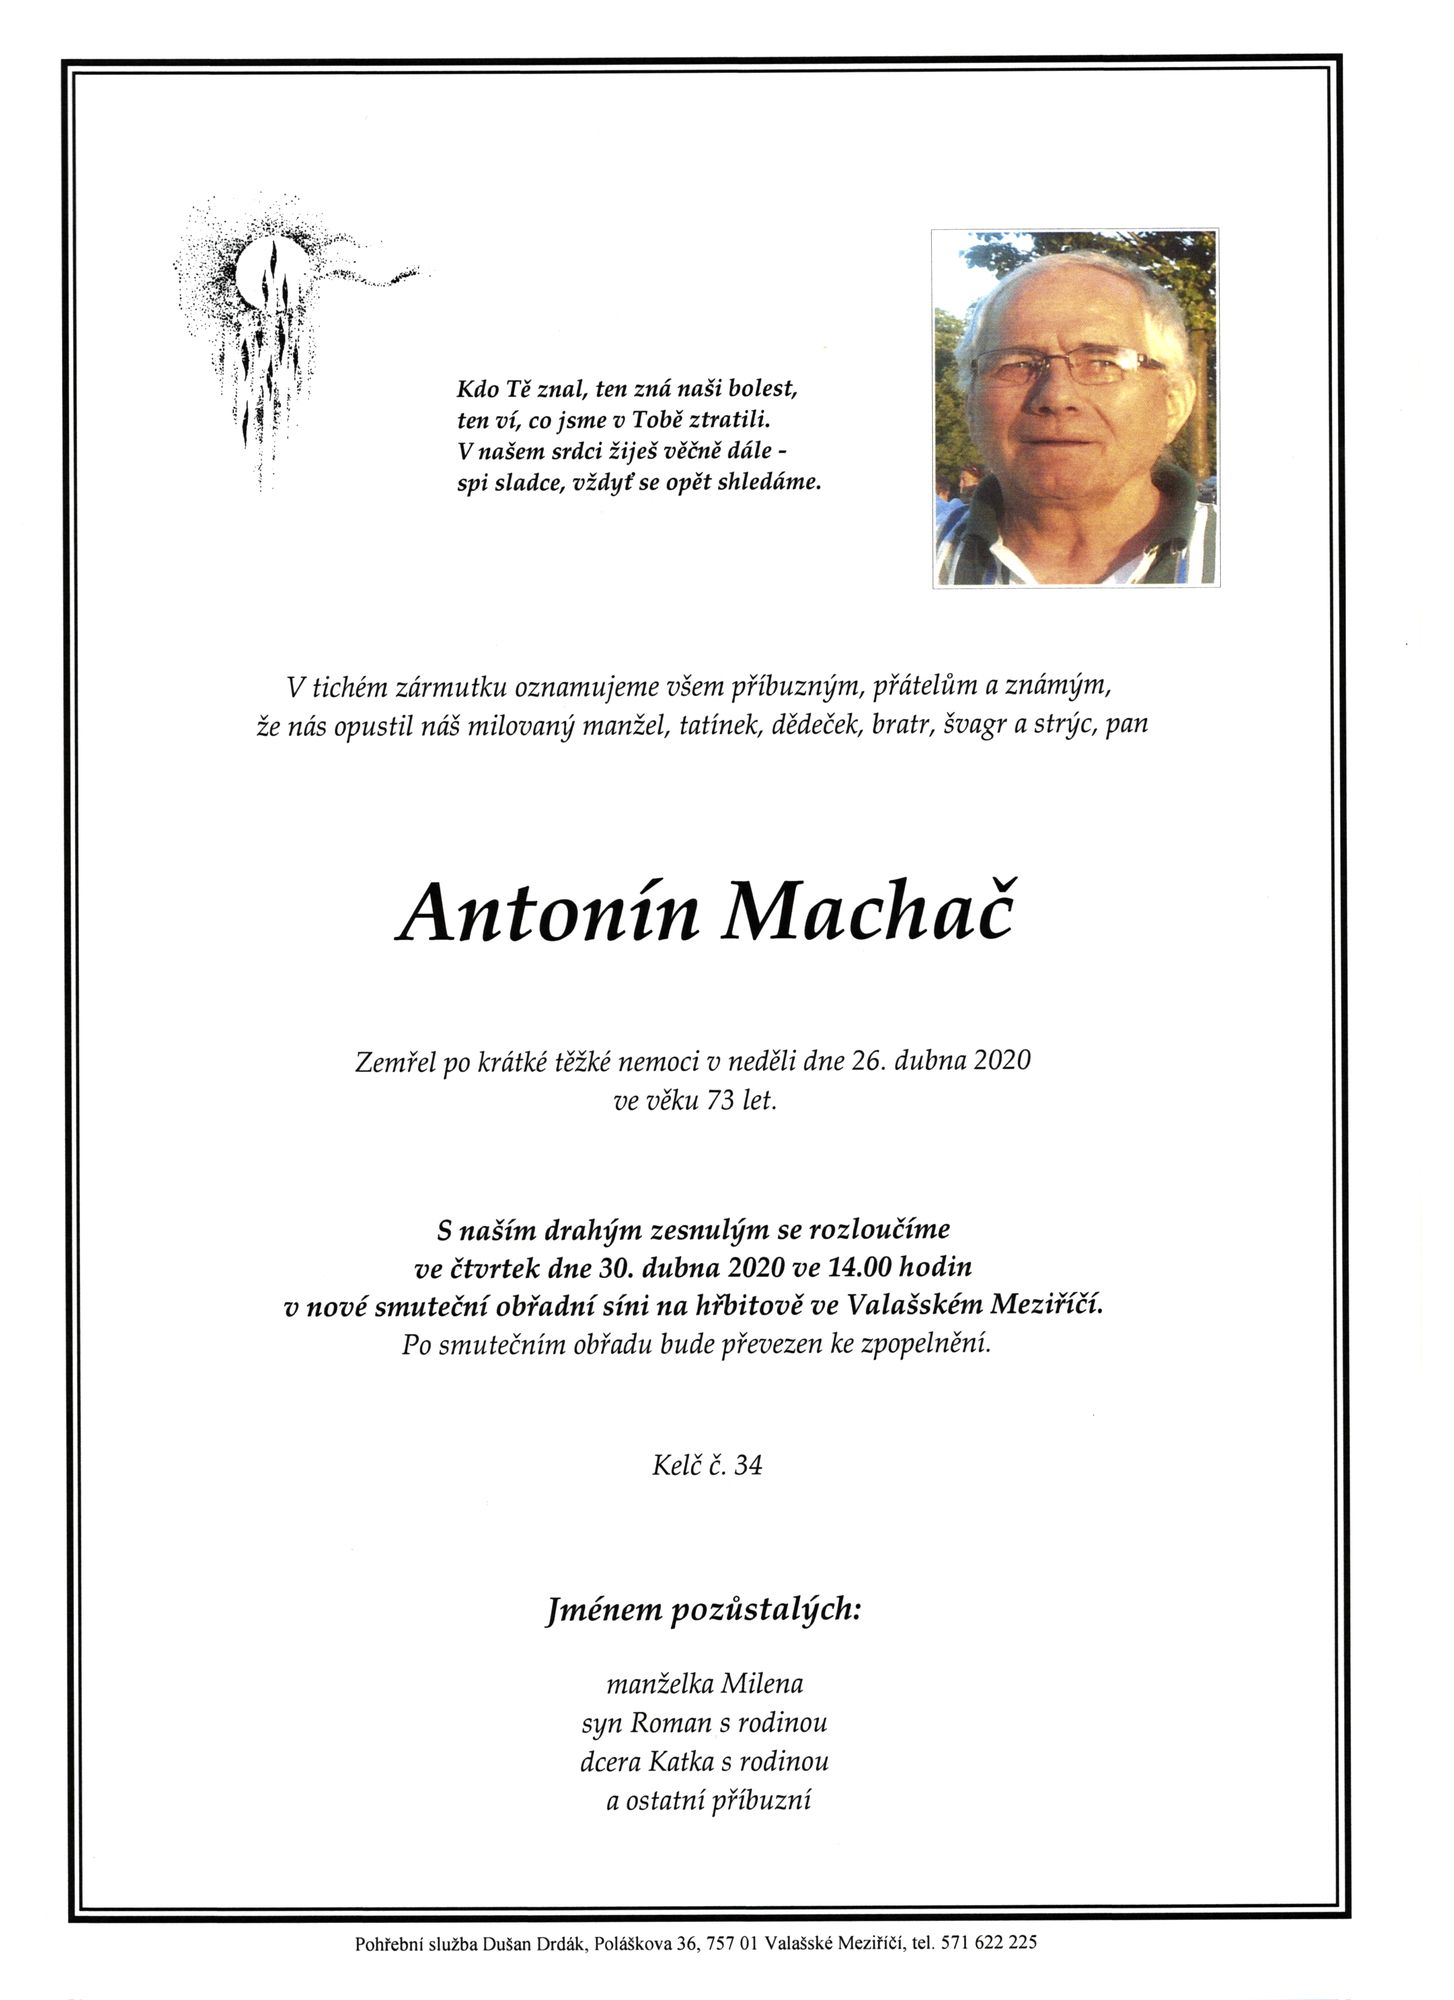 Antonín Machač